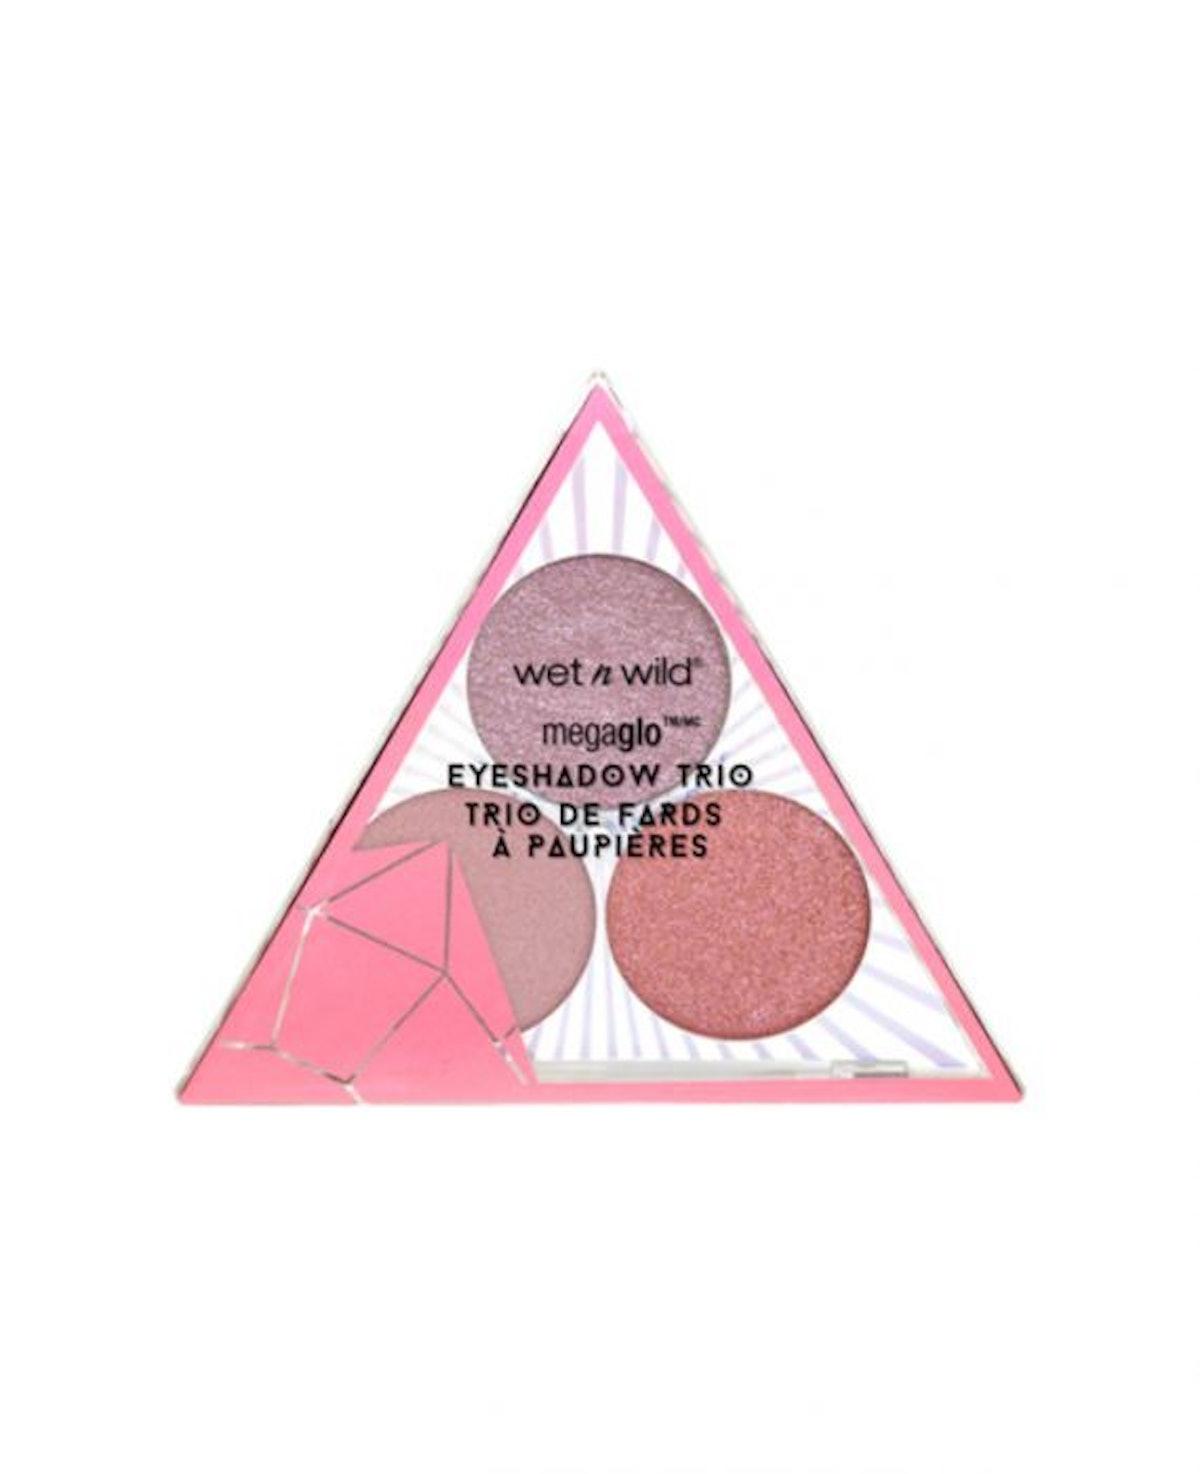 Crystal Cavern Mega Glo Eyeshadow Trio- Rose Quartz